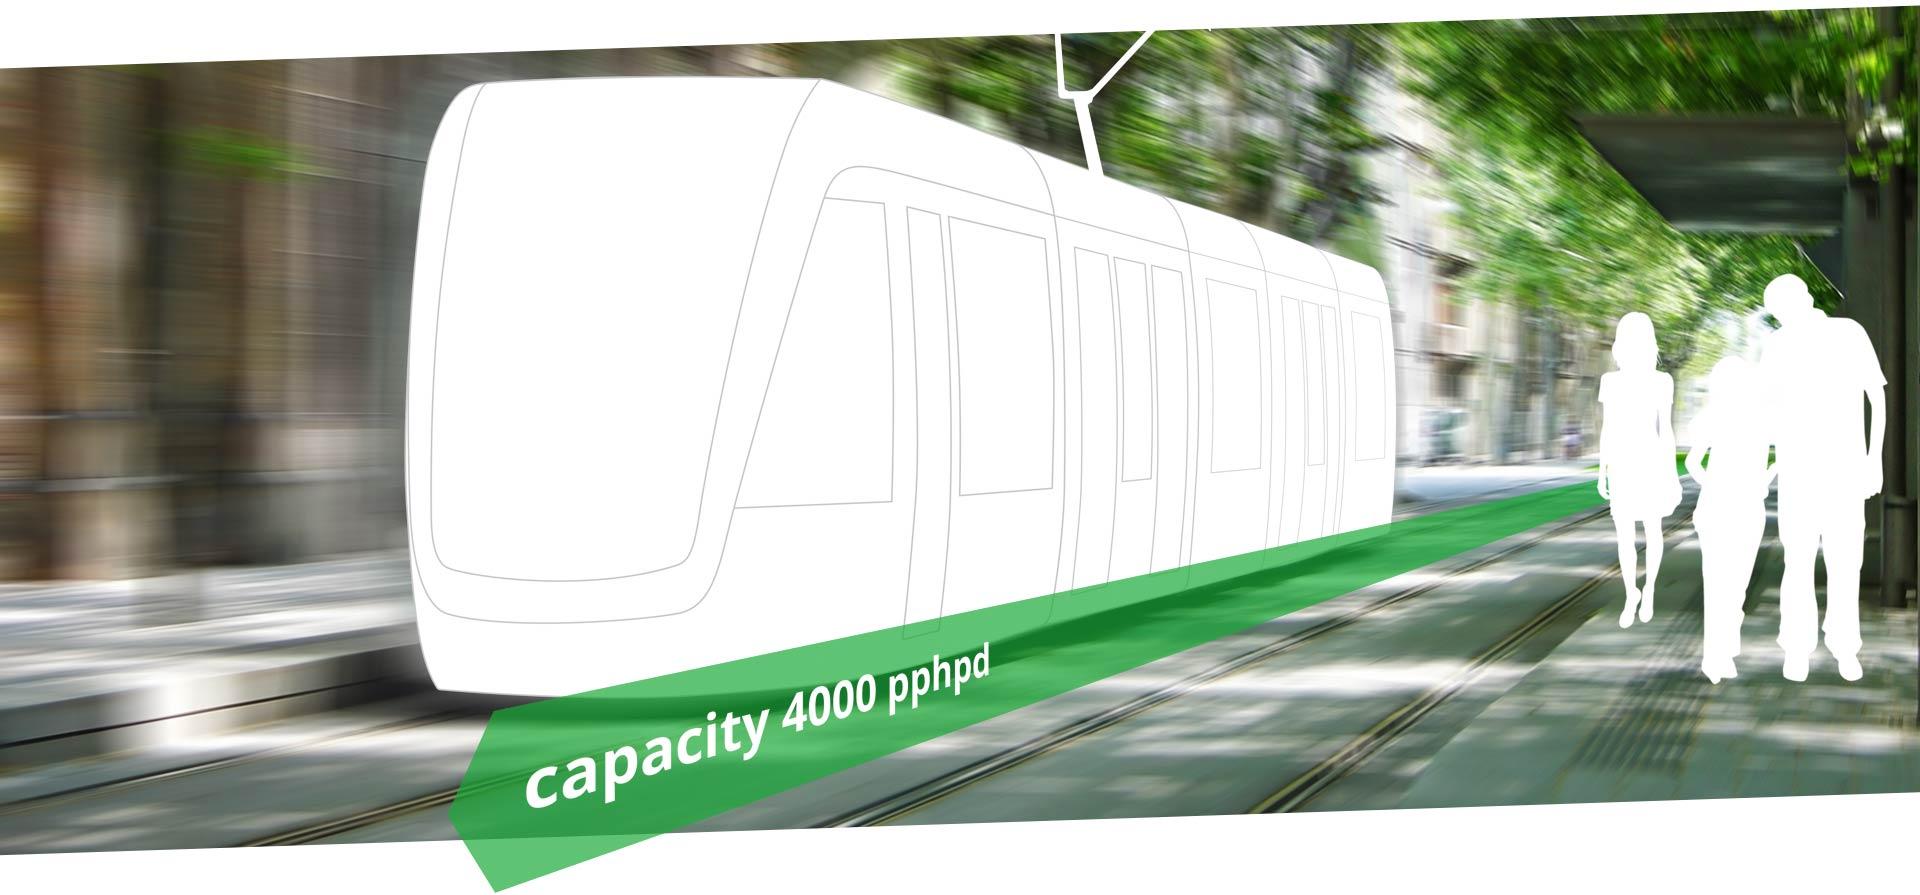 Strassenbahn und Tram